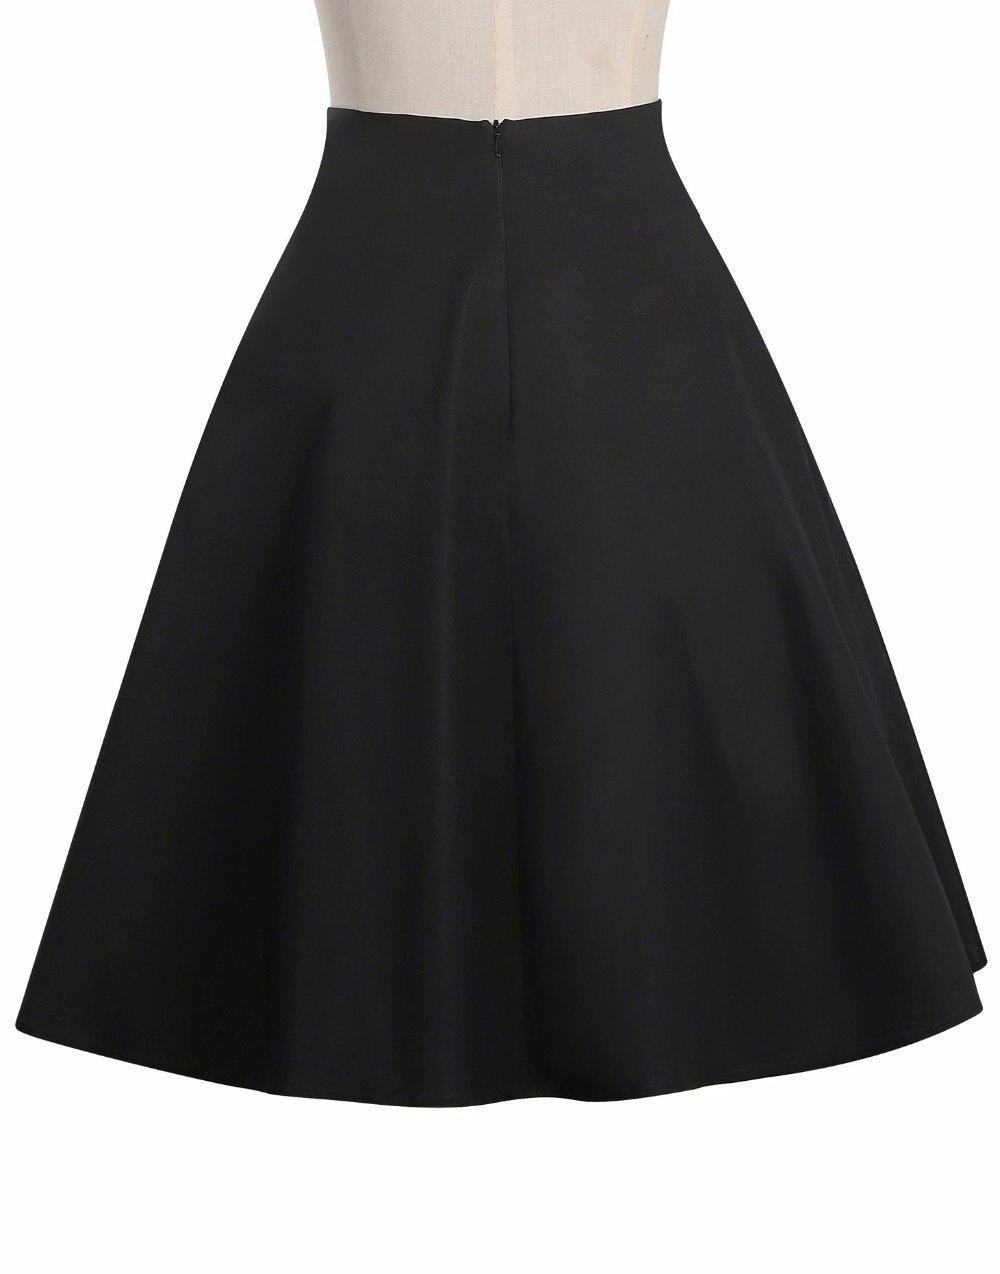 Botón S Black Midi Rana Pinup Saia Vintage Jupe mujeres Rockabilly Faldas Más 50 Tamaño Alta Swing Negro Cintura 49 Falda wS10qg